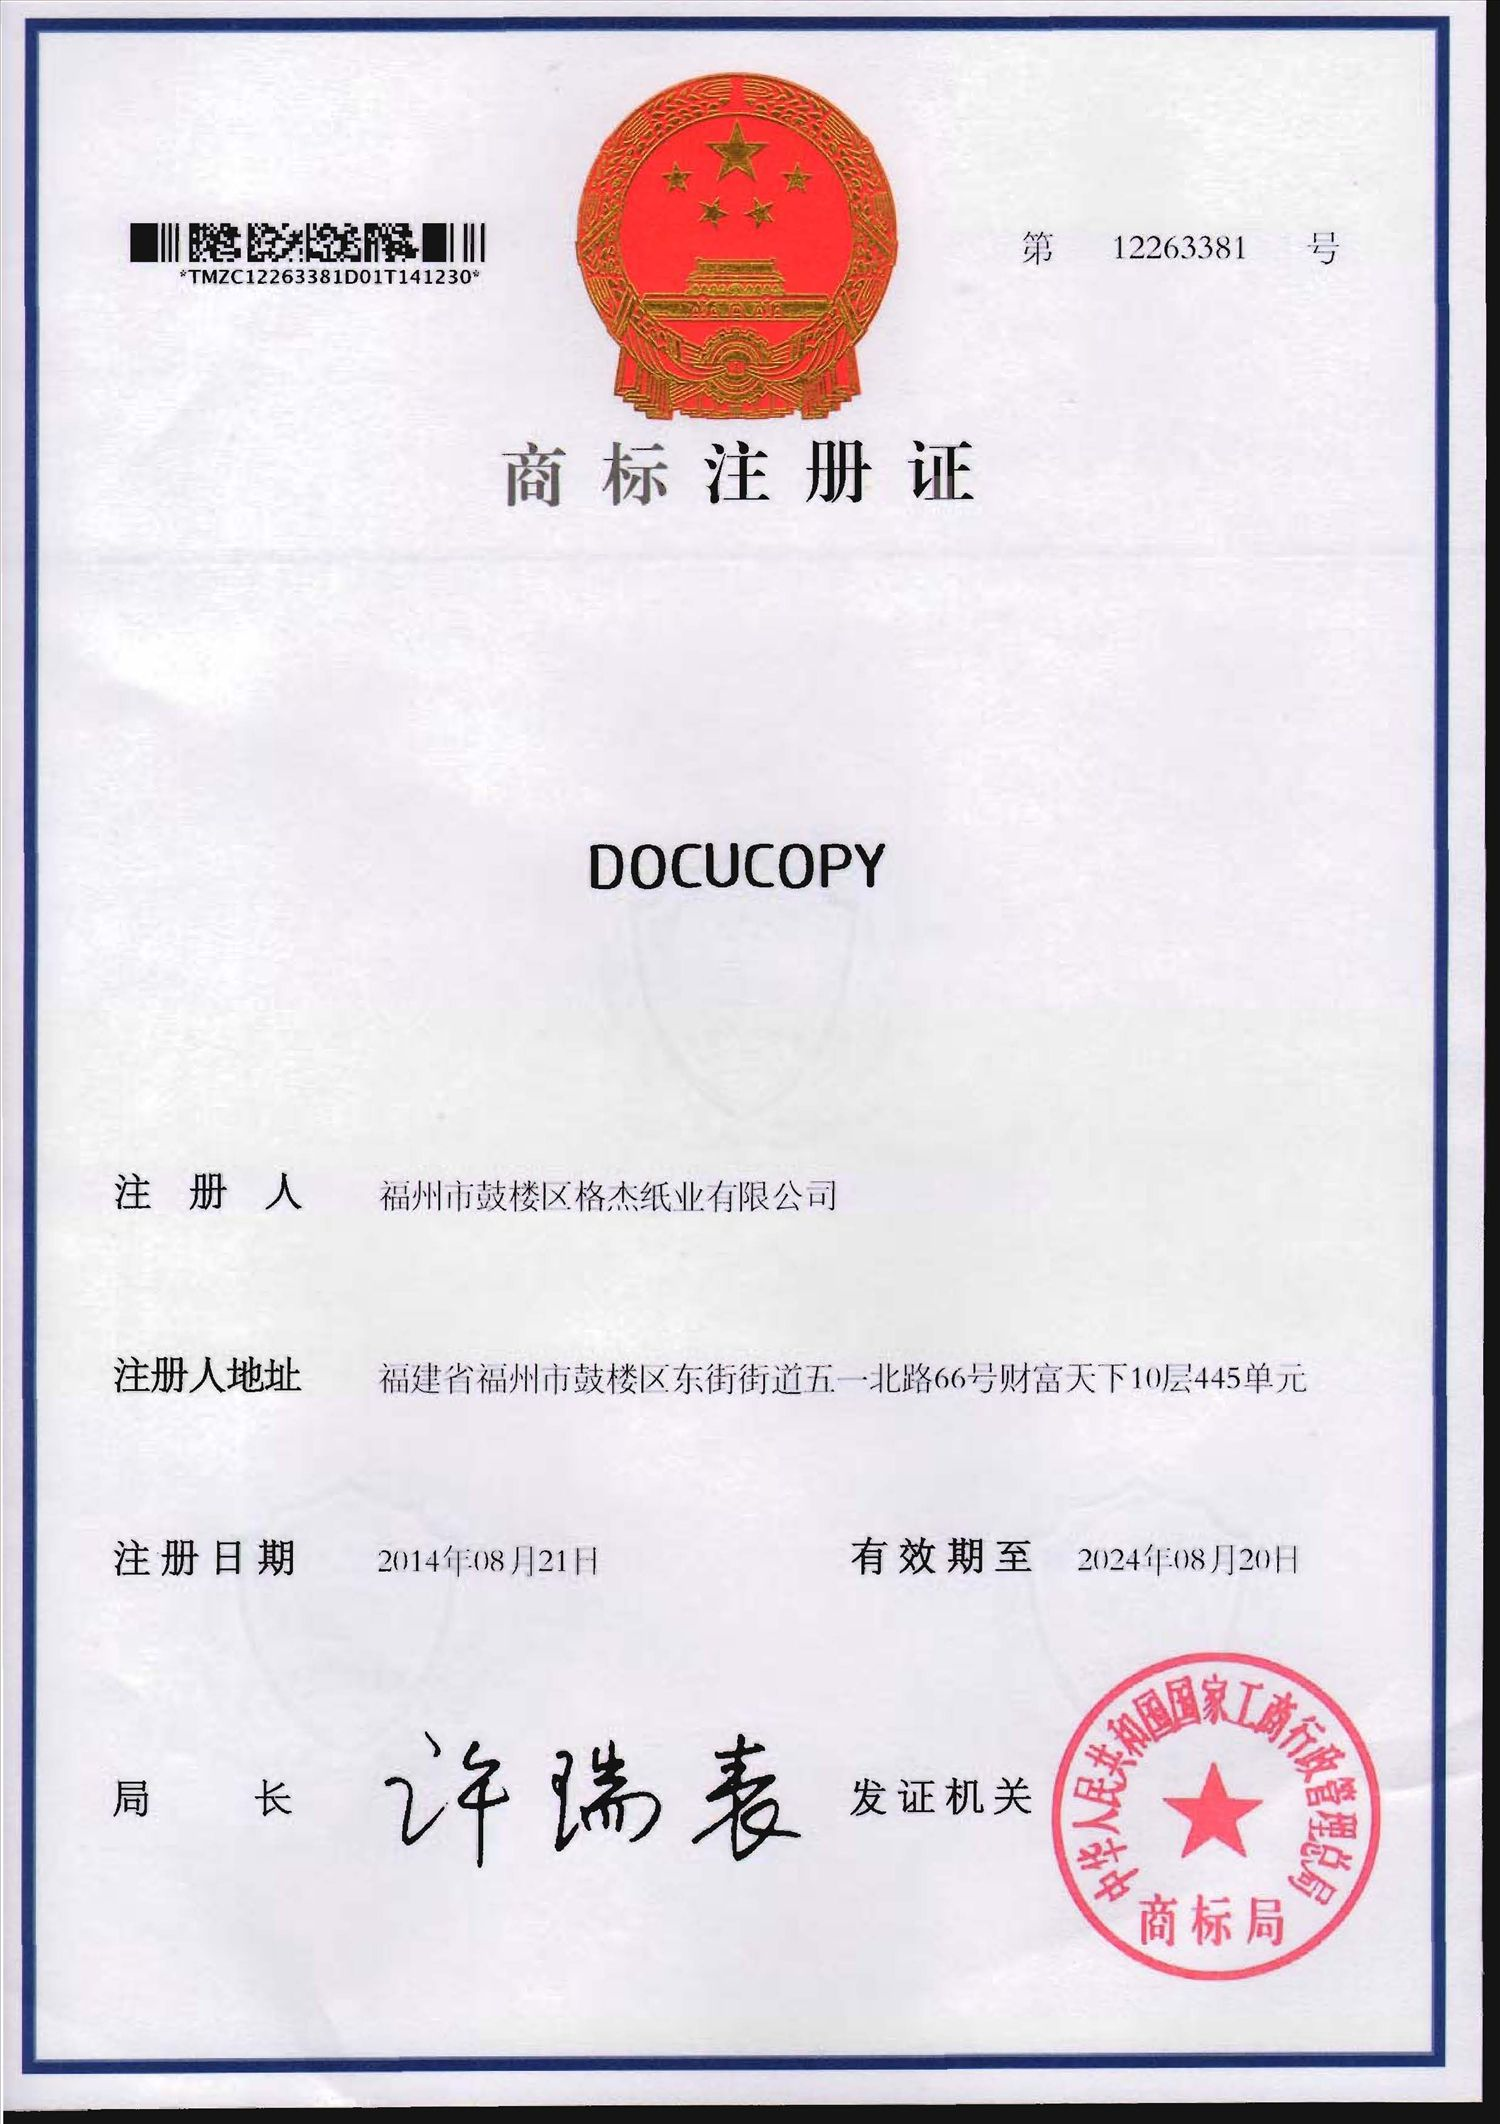 DOCUCOPY